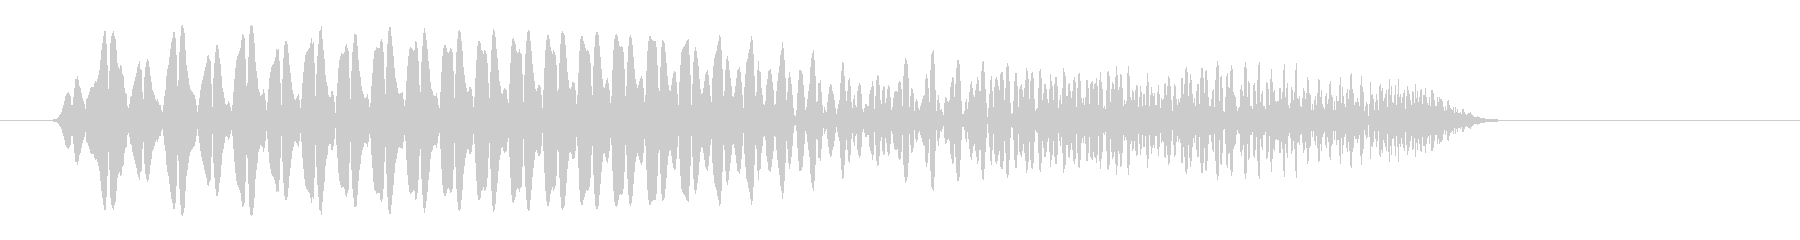 ポヨン(スライムがはねたような音)の未再生の波形